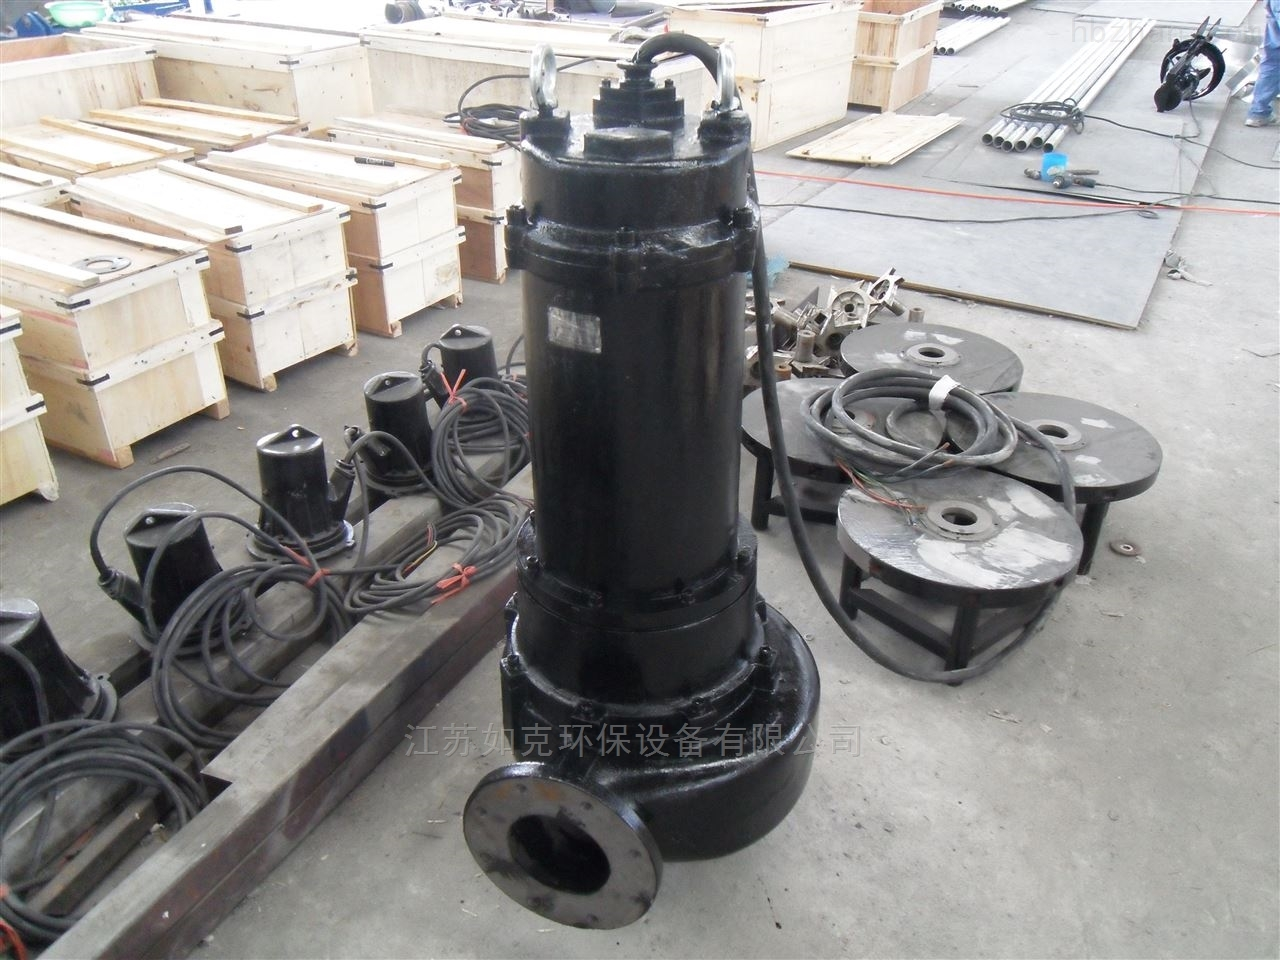 WQ100-13-7.5大功率潜水搅拌机